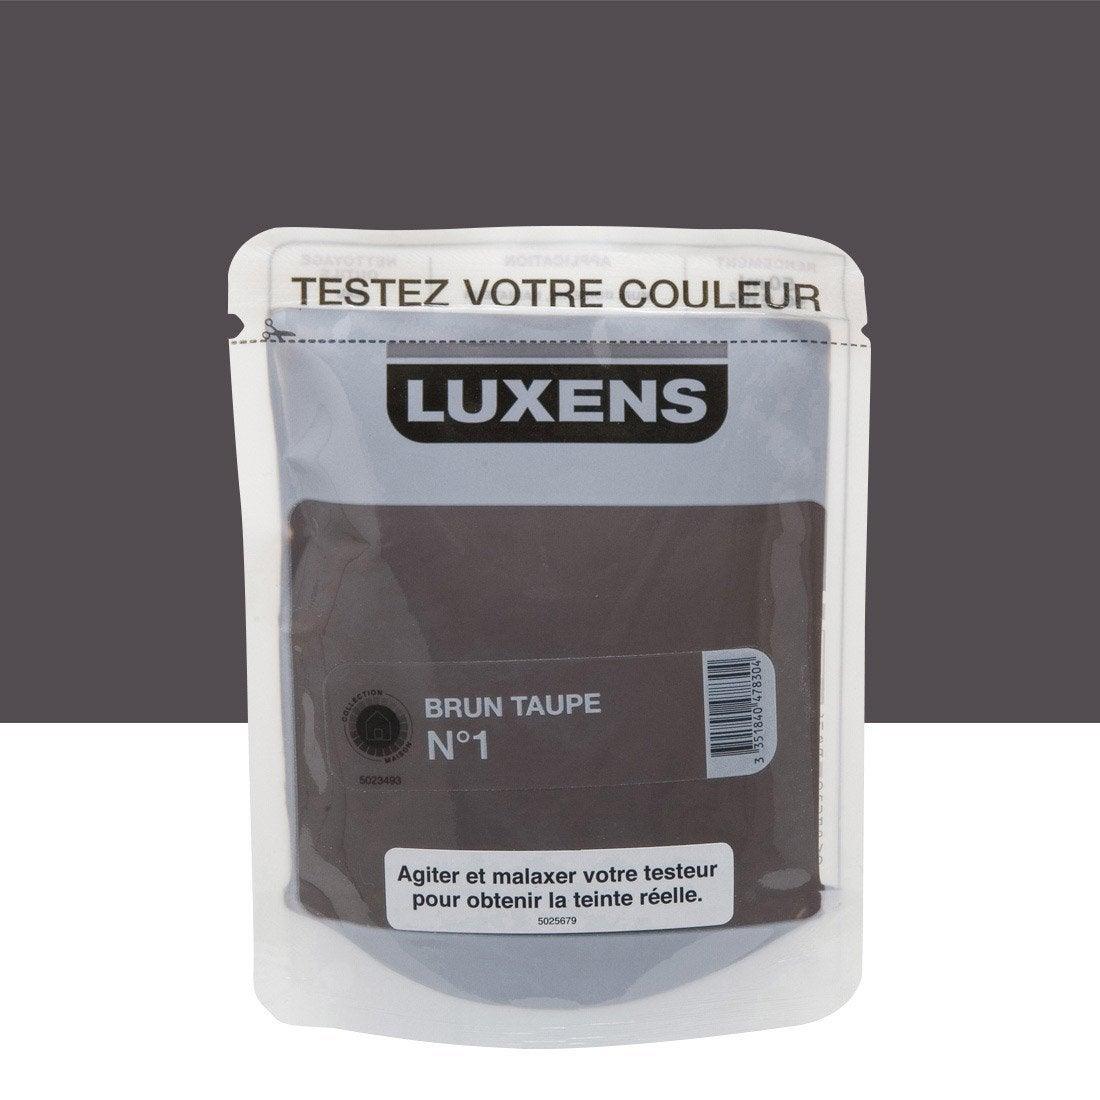 Testeur peinture brun taupe 1 luxens couleurs int rieures satin l lero - Leroy merlin conseil peinture ...